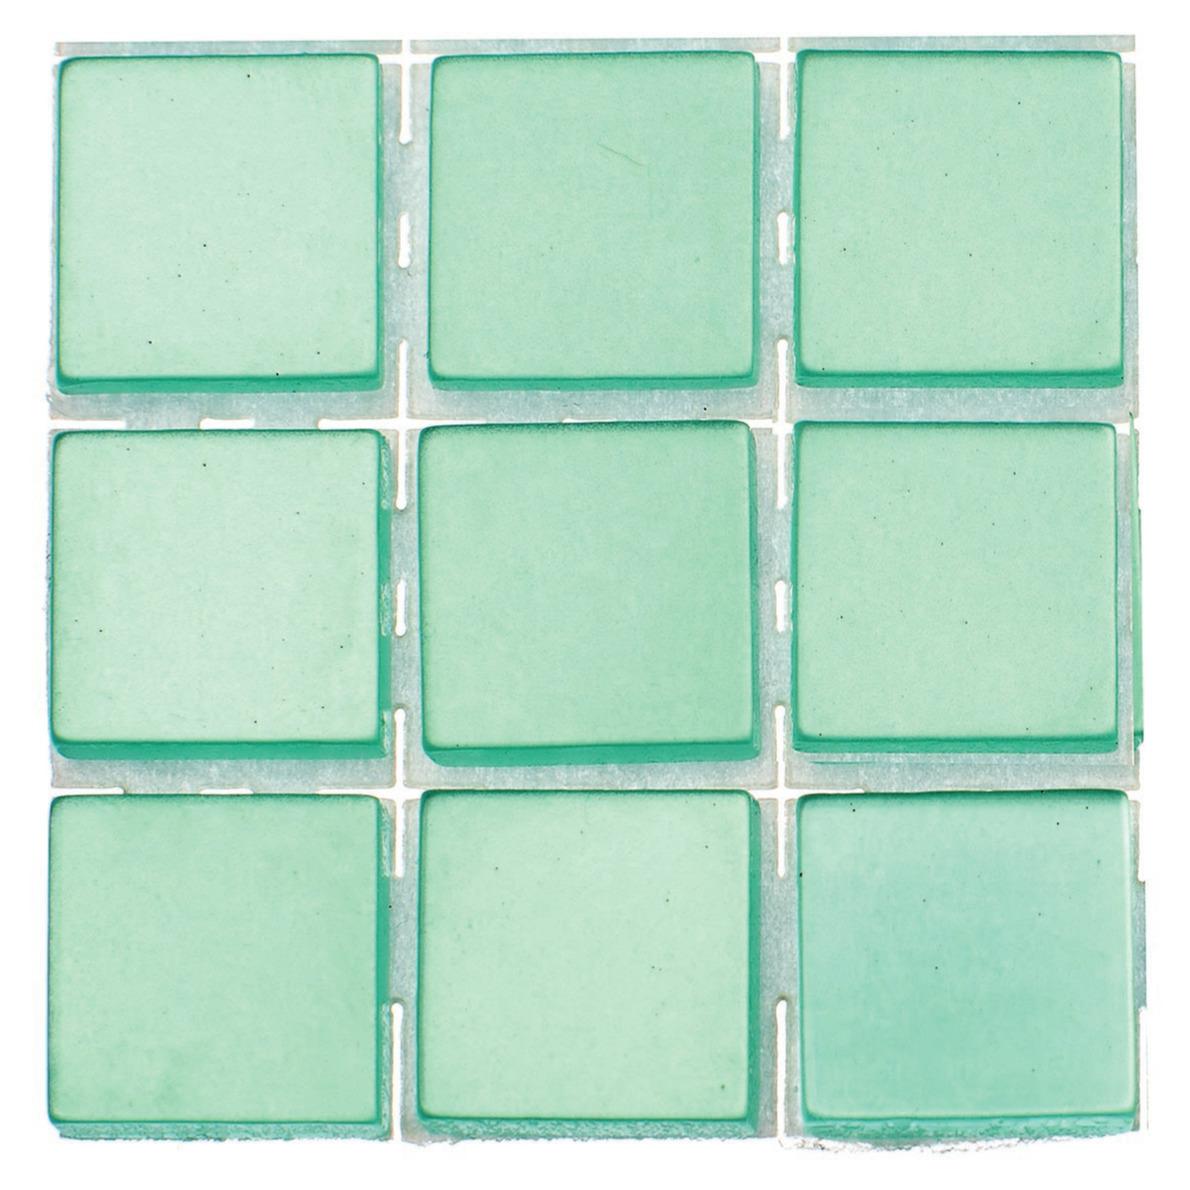 63x stuks mozaieken maken steentjes-tegels kleur turquoise 10 x 10 x 2 mm